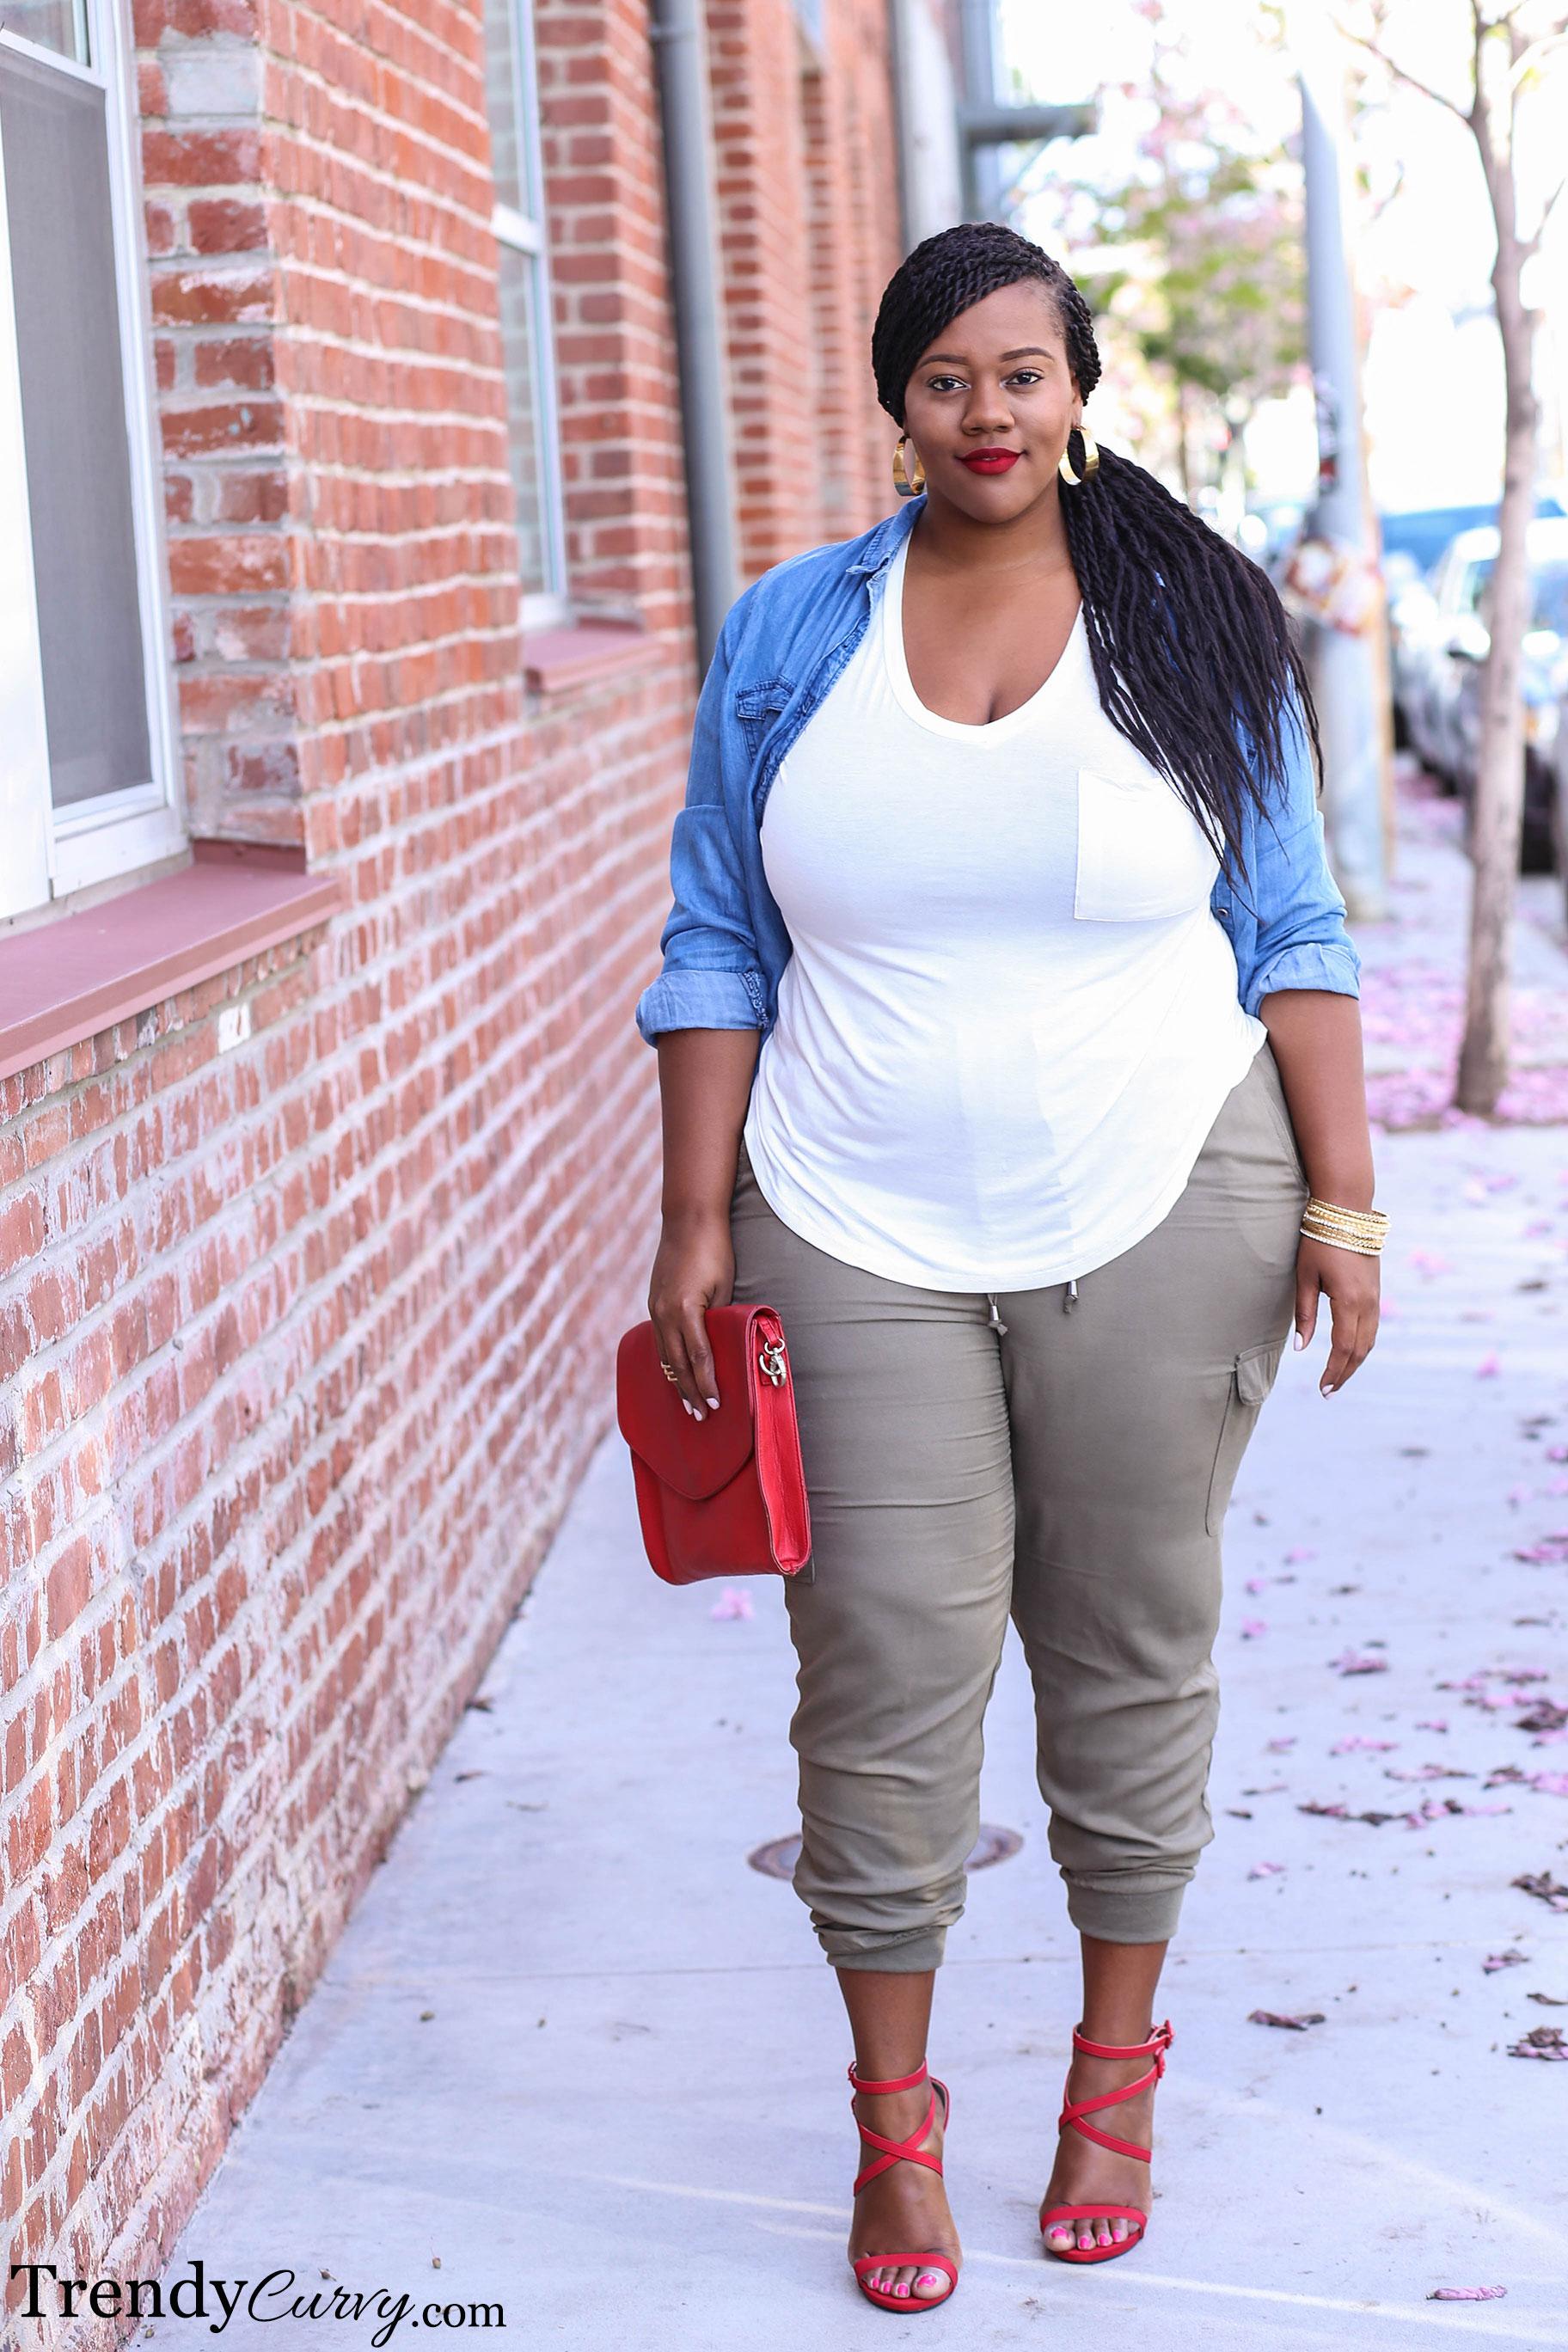 Trendy Fashion Blog: Trendy CurvyTrendy Curvy